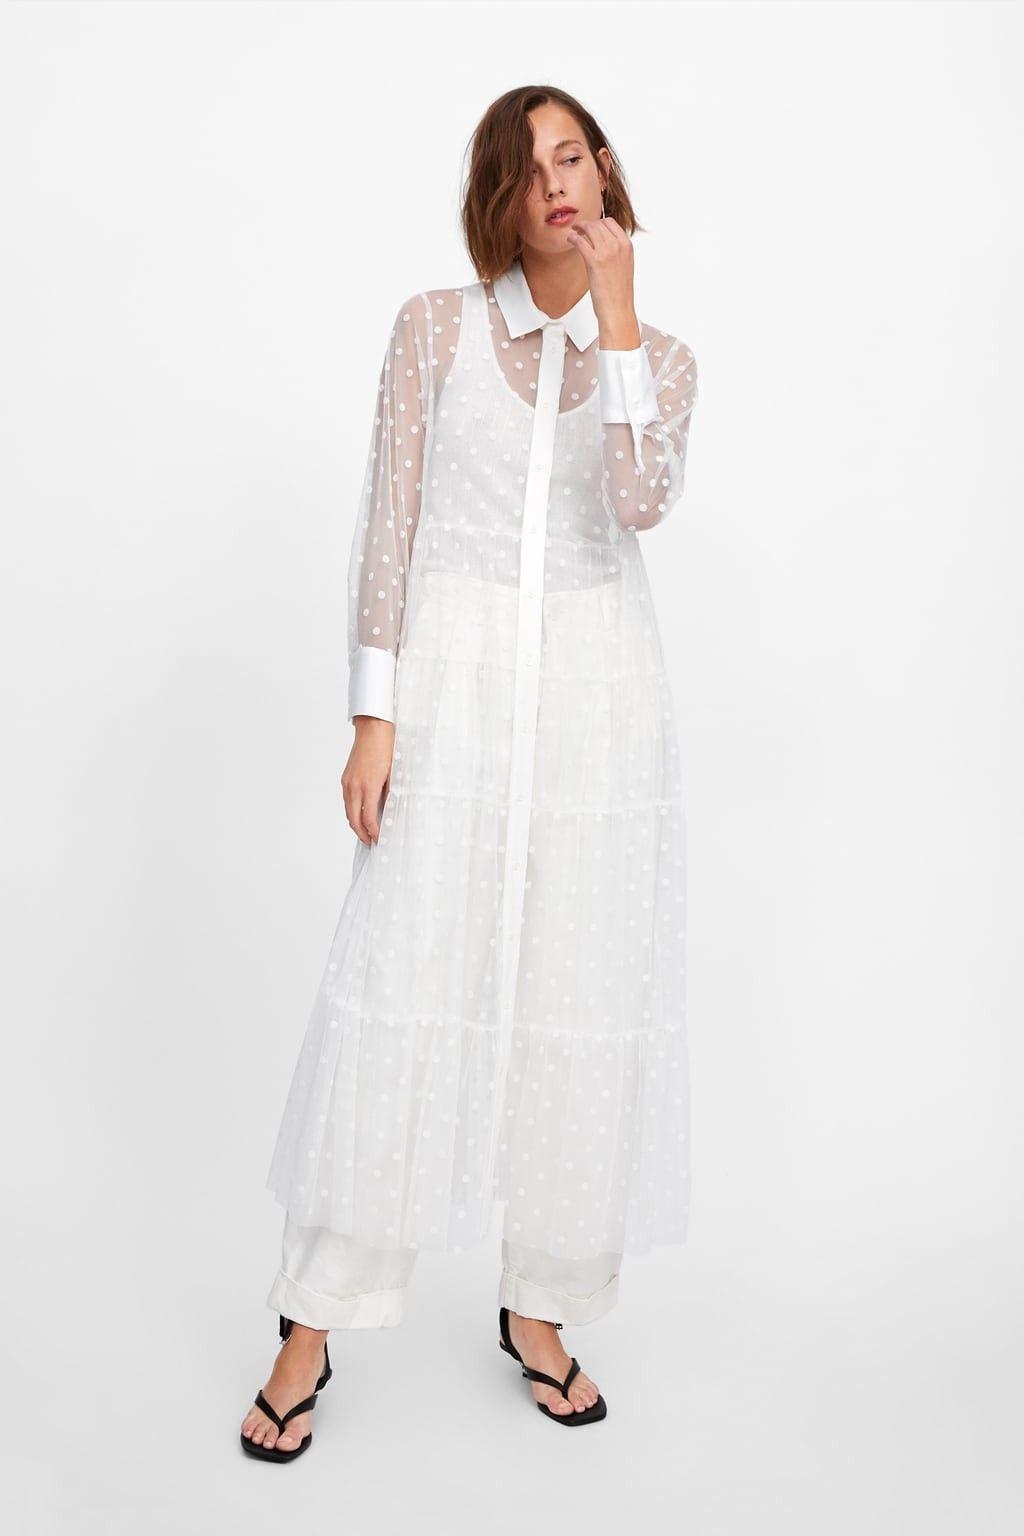 Pin Oleh Myva Di Zara Dengan Gambar Gaya Model Pakaian Model Pakaian Kain Tile